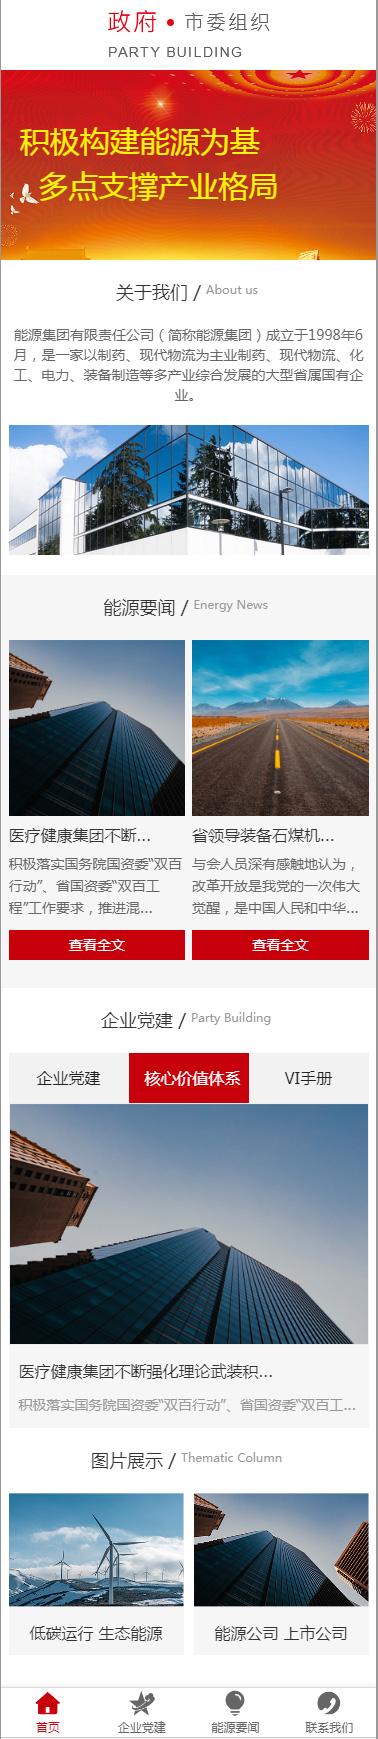 地方社区网小程序展示模板